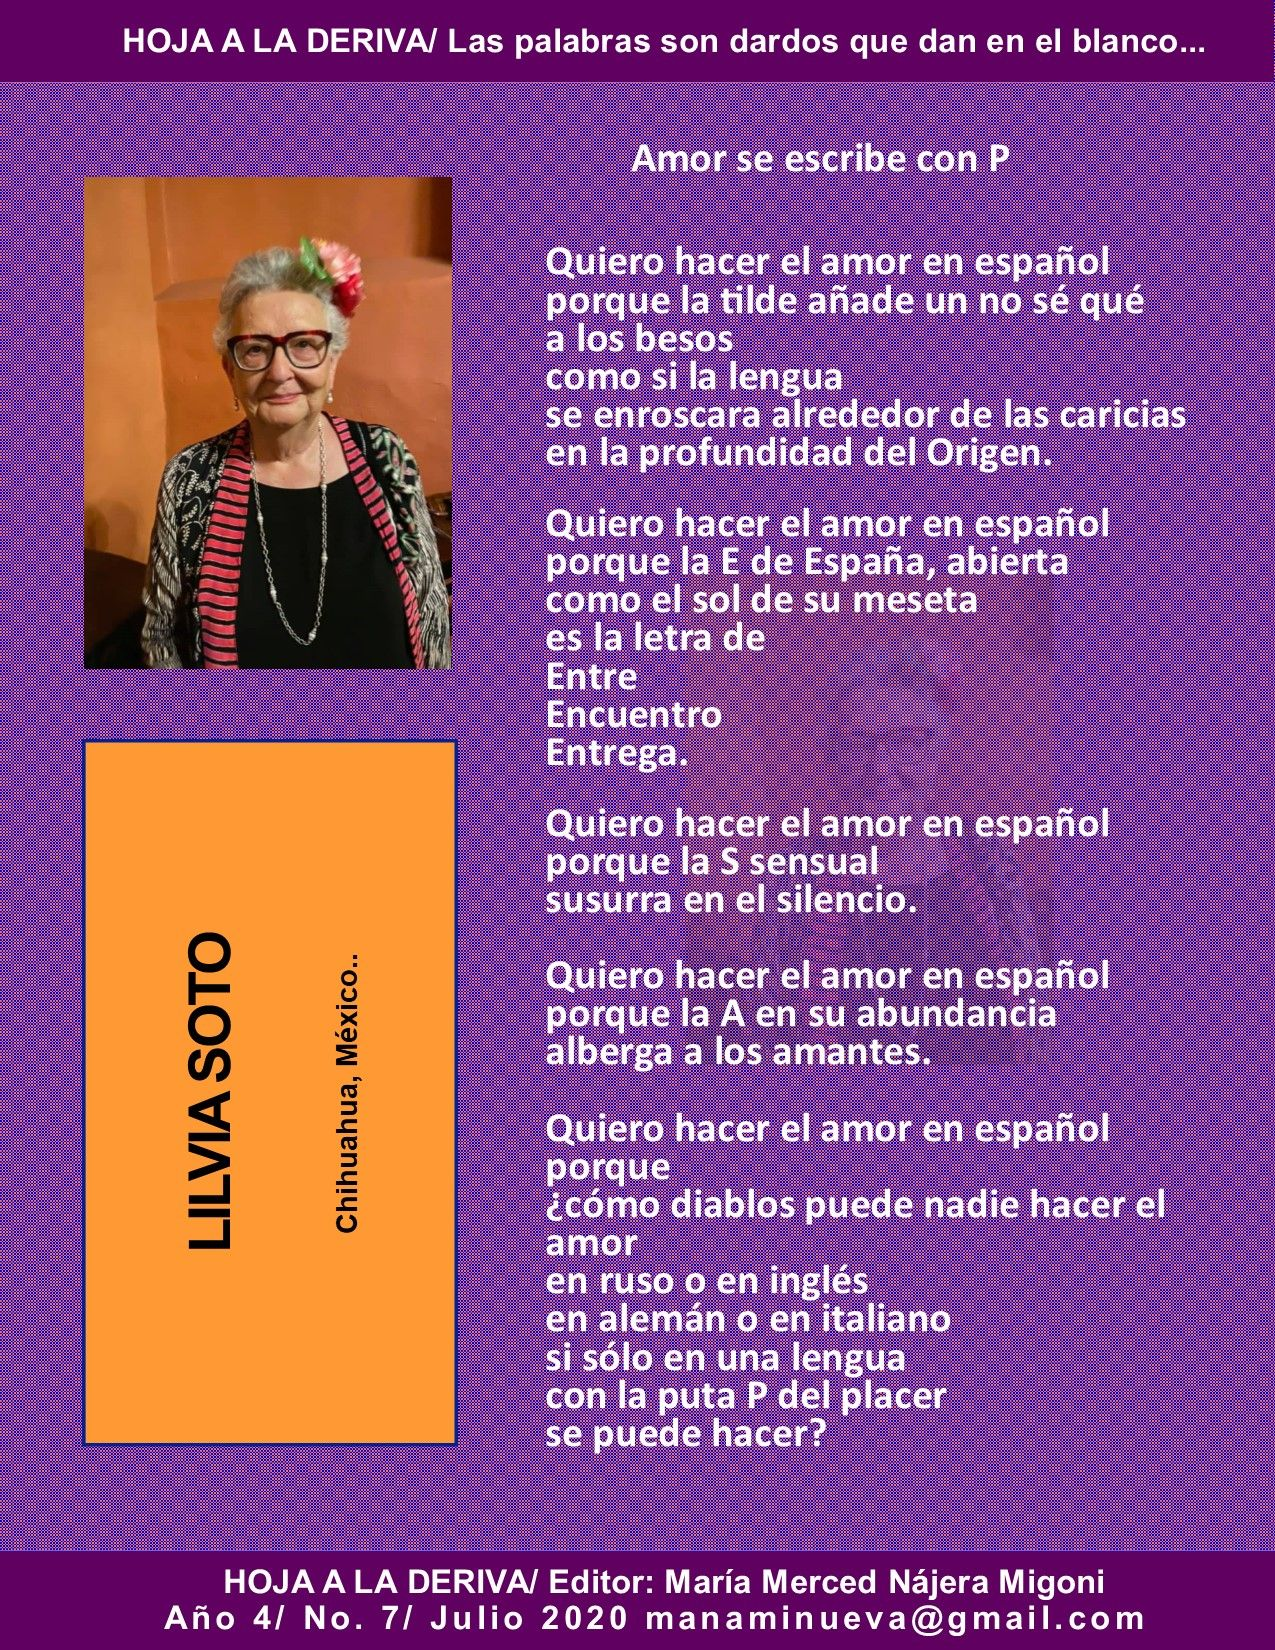 79 Ideas De Chihuahua Arde Editoras Chihuahua Poesia Contemporanea Partes De La Misa